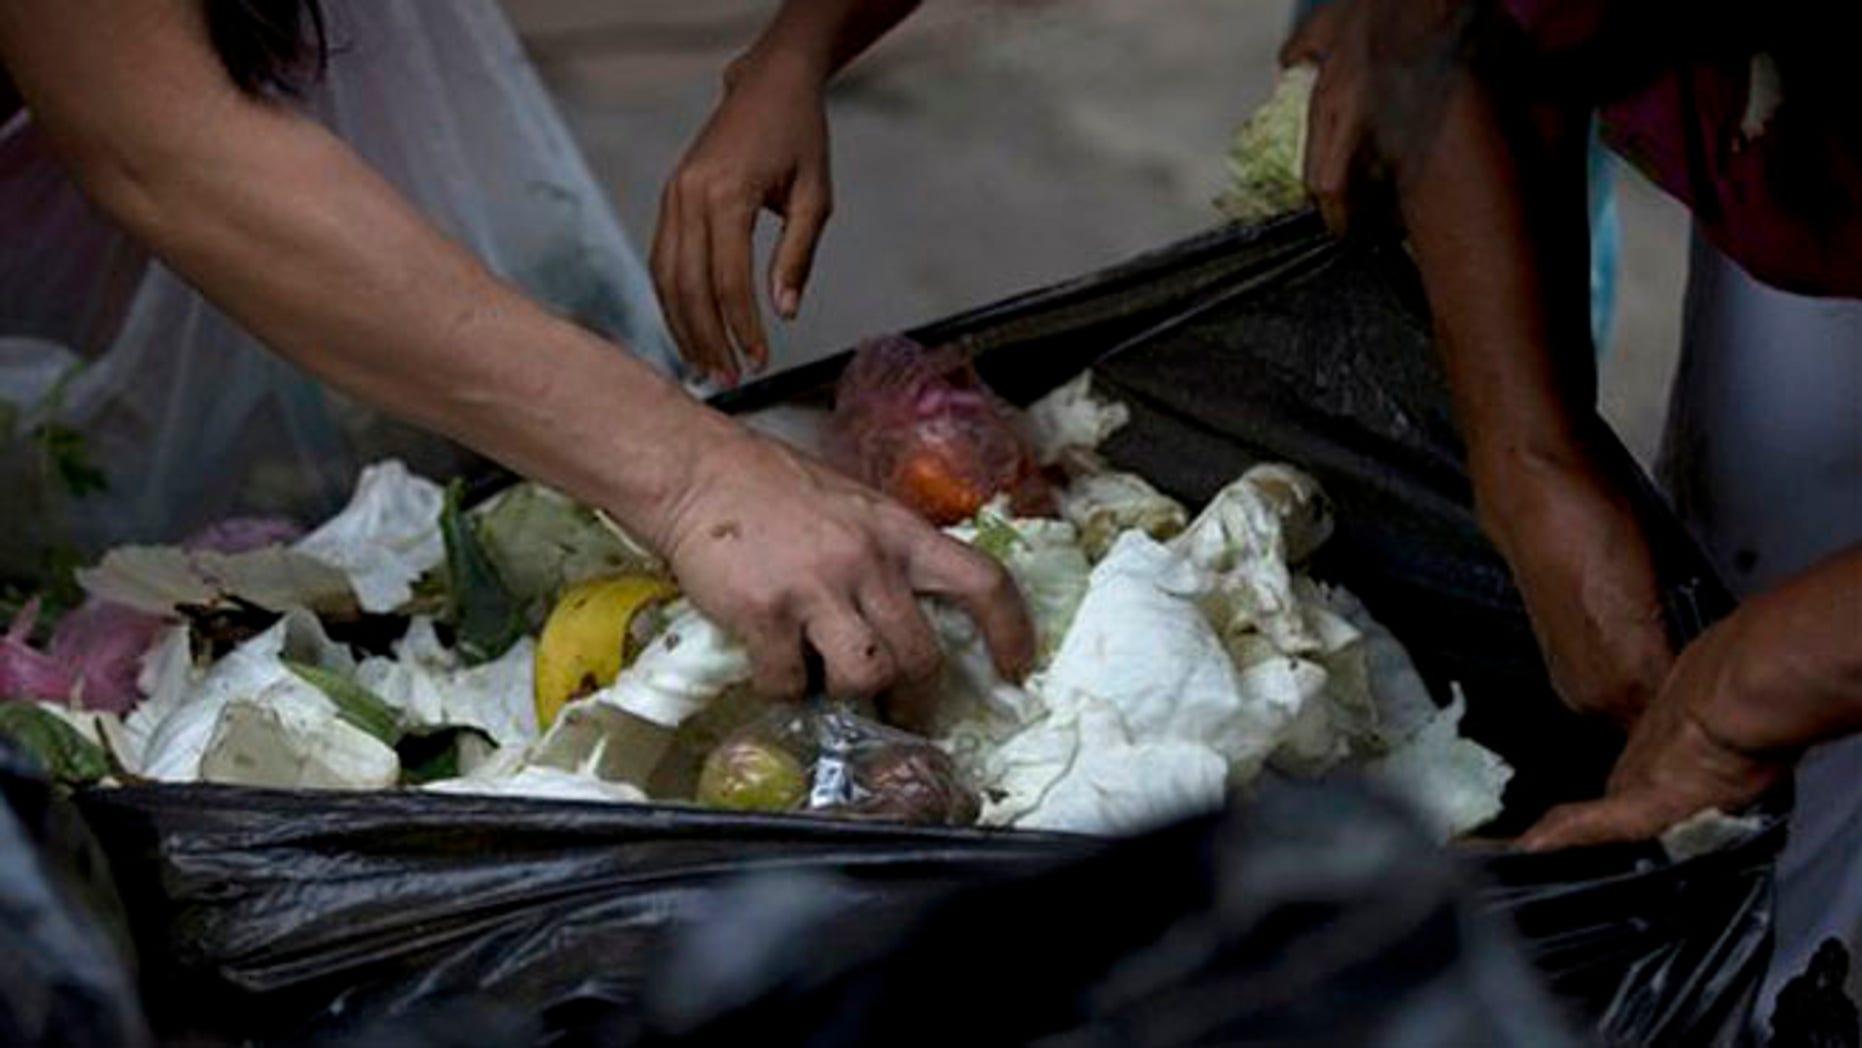 En esta imagen, tomada el 2 de junio de 2016, varias personas revisan bolsas de basura en busca de frutas y verduras en el exterior de un supermercado en el centro de Caracas, en Venezuela. A las personas desempleadas que buscan comida entre los alimentos que tiran las tiendas suelen unirse ahora propietarios de pequeños negocios, estudiantes universitarios o jubilados, personas que se consideran dentro de la clase media. El nivel de vida se ve afectado desde hace tiempo por una inflación de tres dígitos y escasez de alimentos, algo que lleva a muchos a recurrir a la agricultura urbana para devolver las verduras a su dieta. (AP Foto/Fernando Llano)